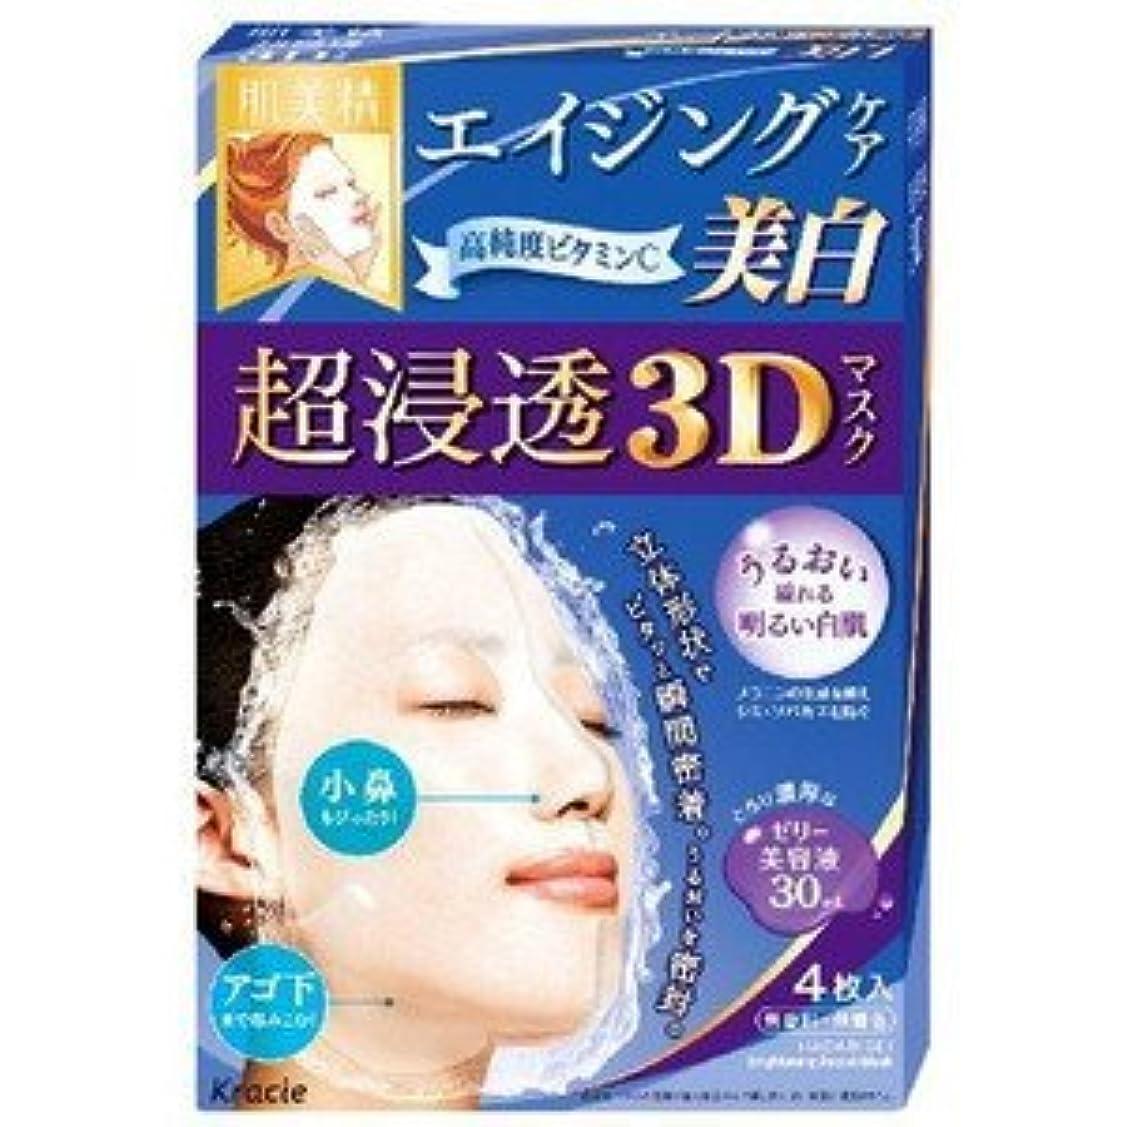 リーク非常に怒っています民間人【クラシエ】肌美精 超浸透3Dマスク(美白) 4枚入り  6個セット …